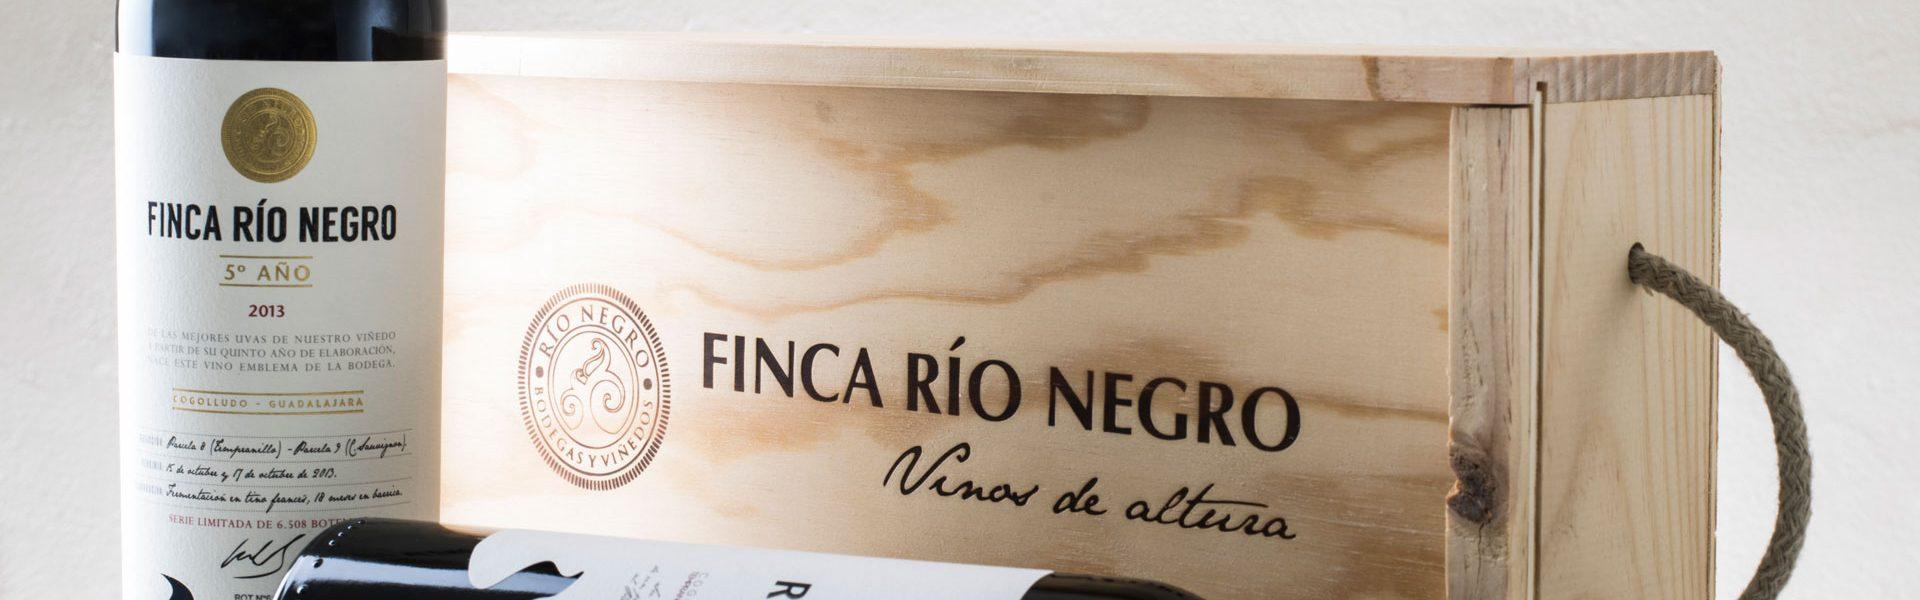 finca-rio-negro_25